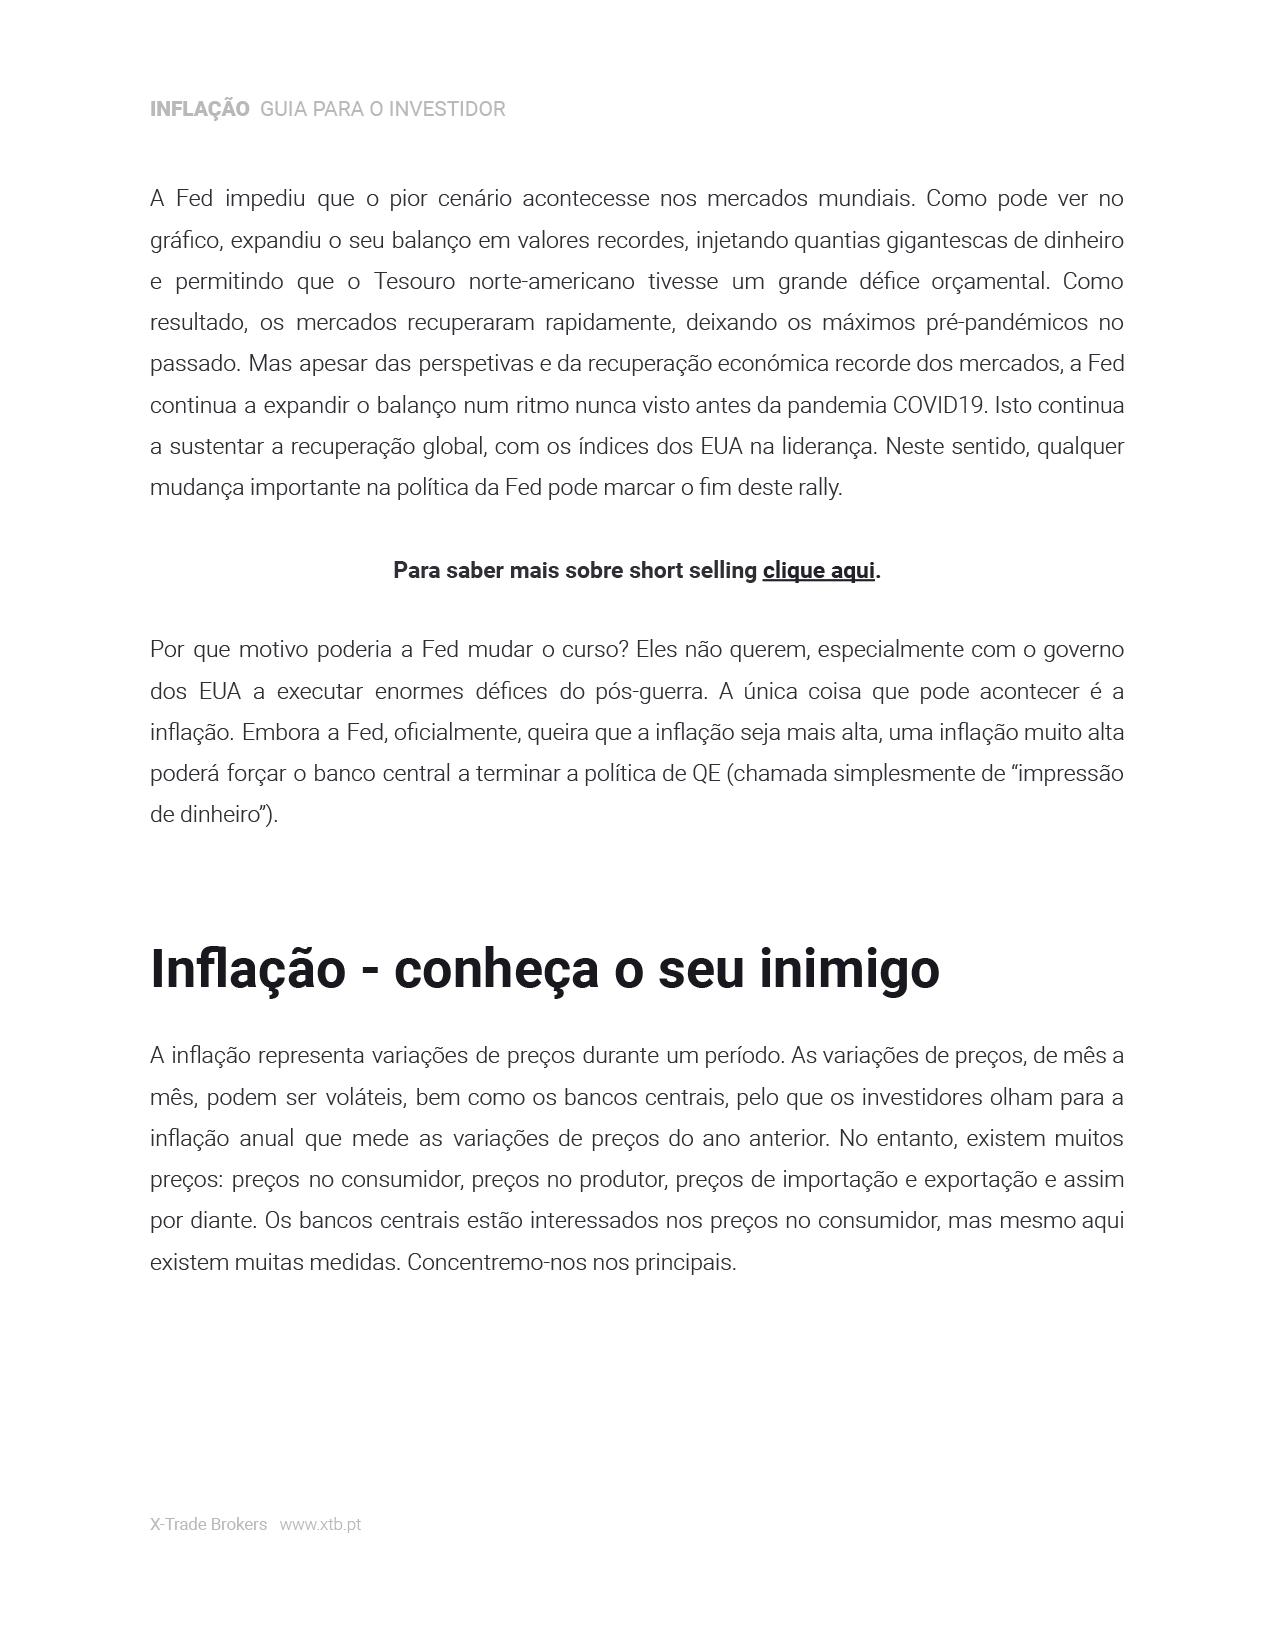 Inflação - pág. 2